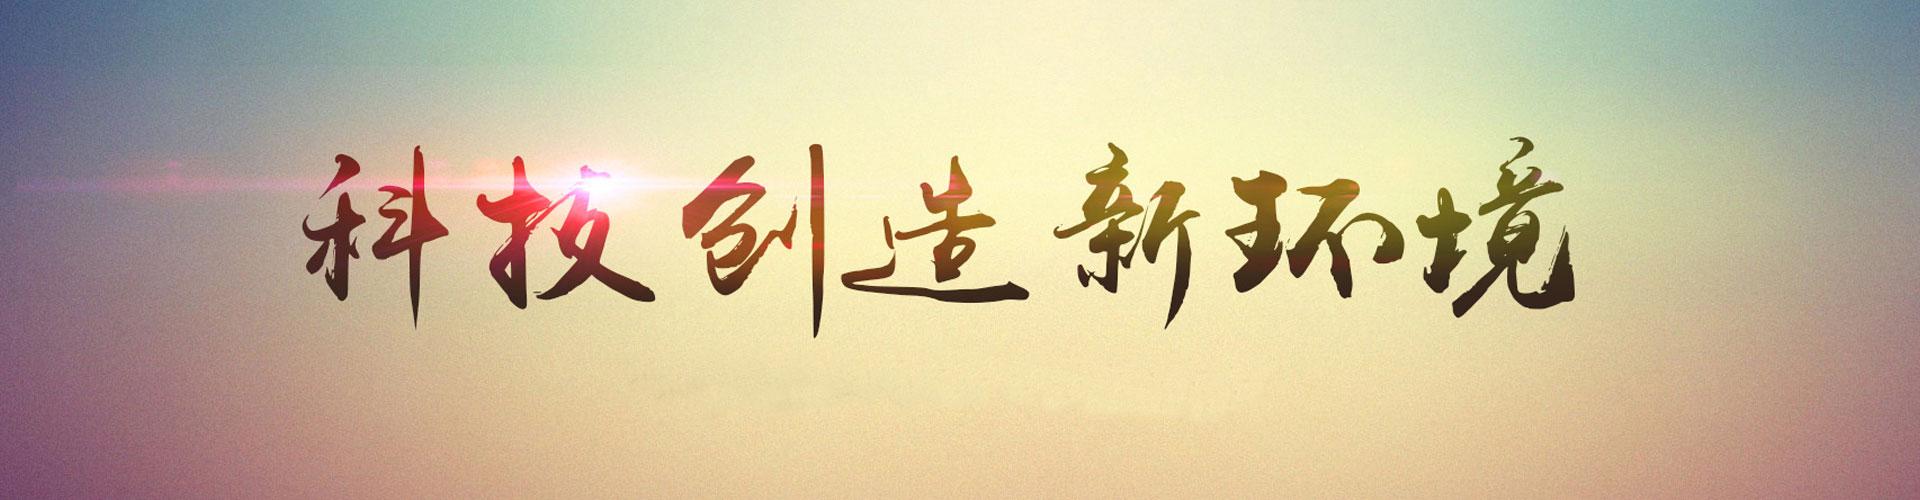 湖北網上真人龍虎有限公司